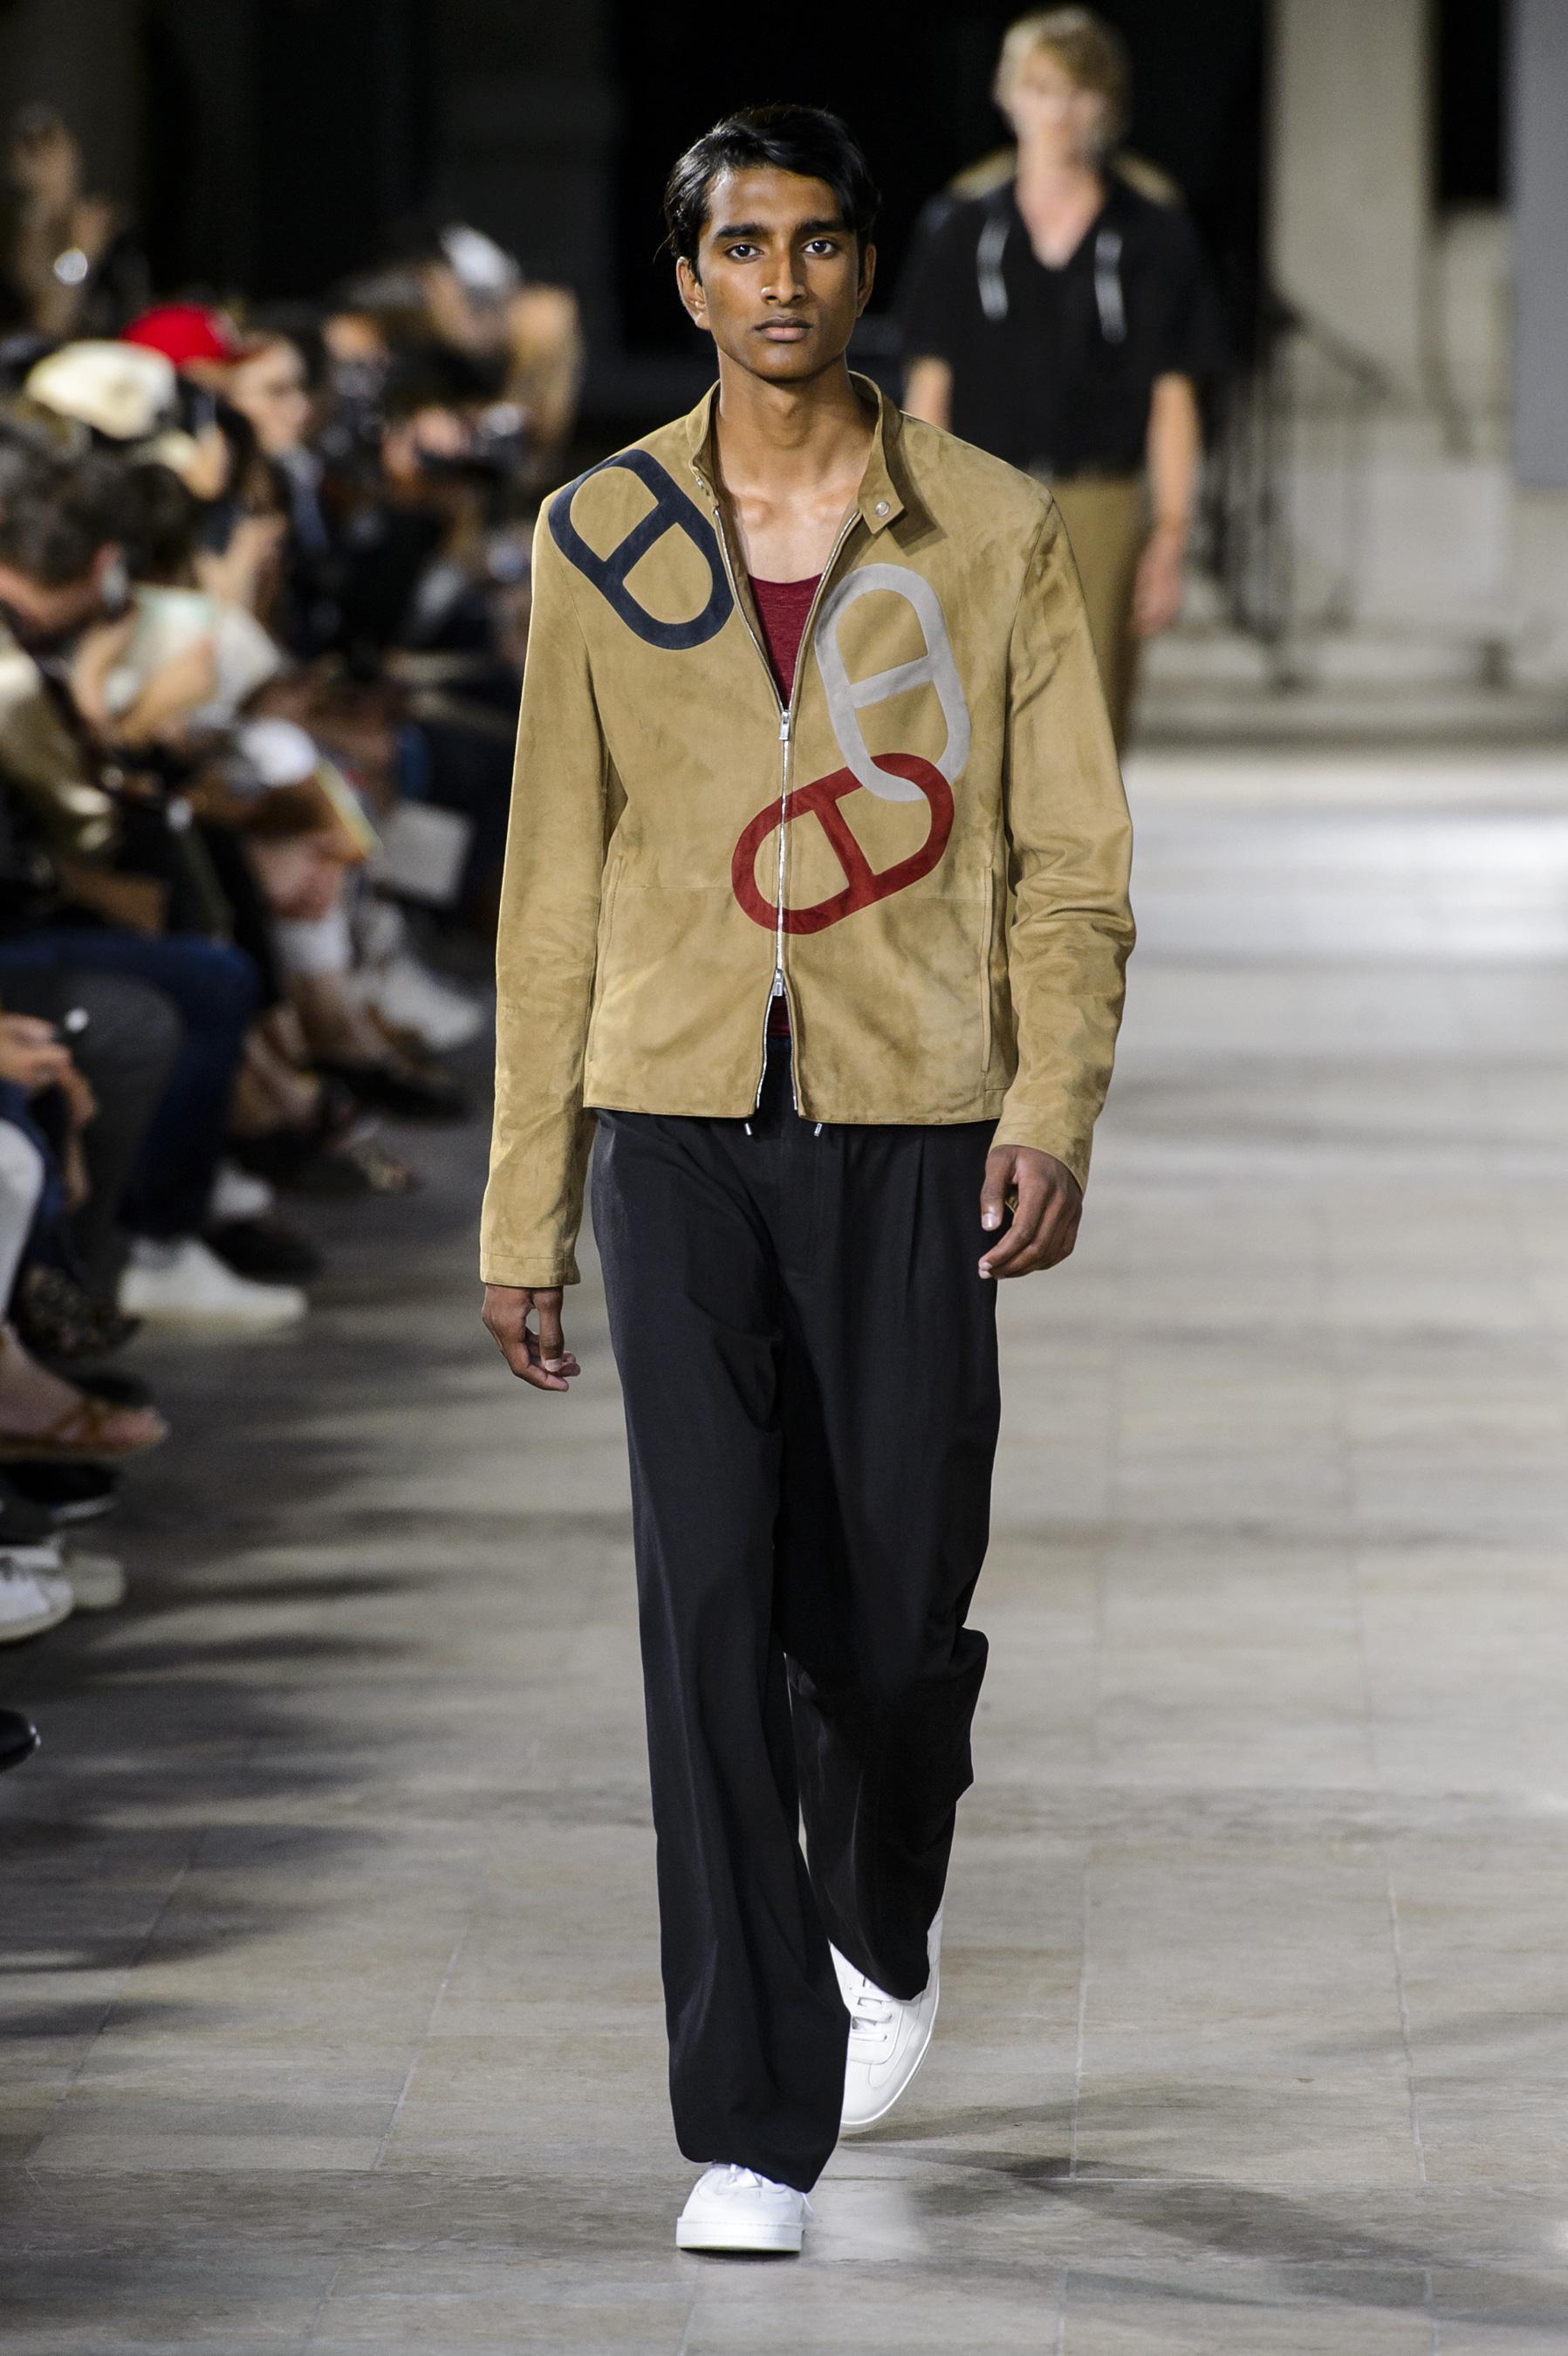 Défilé Hermès printemps-été 2018, Paris - Look 15. Défilé Hermès Homme  Printemps-été 2018 Paris - photo 15 Imaxtree 81097641200